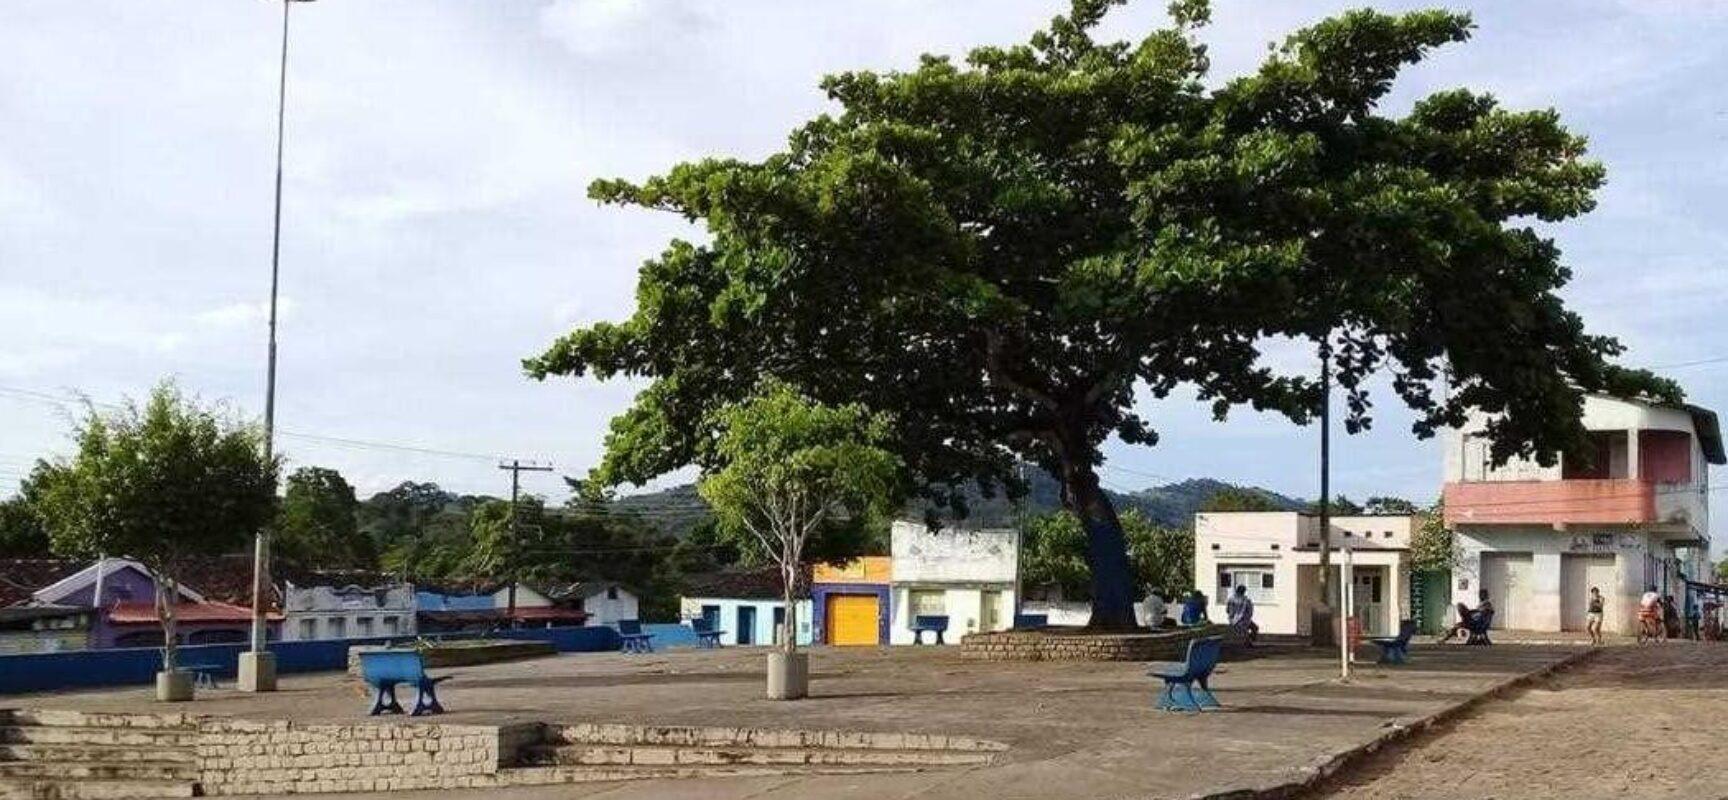 CÂMARA DE ILHÉUS VAI REALIZAR SESSÃO ITINERANTE EM INEMA DIA 13 DE OUTUBRO